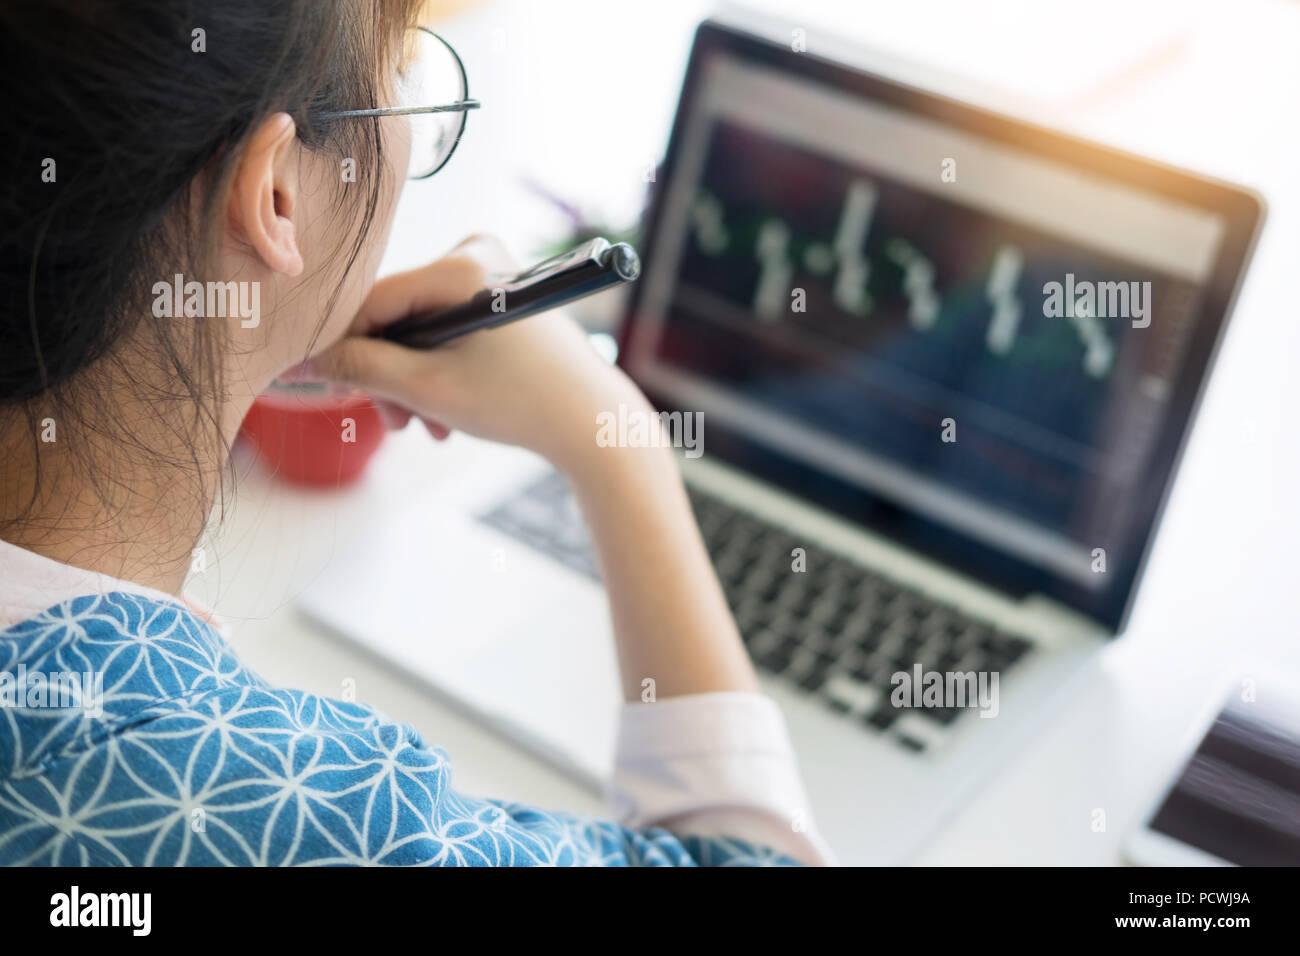 Femme au travail coffre immense Loft Studio.recherche étudiant la technologie Concept de poste de travail dans le processus de démarrage de création moderne Bureau d'analyser les actions du marché Banque D'Images